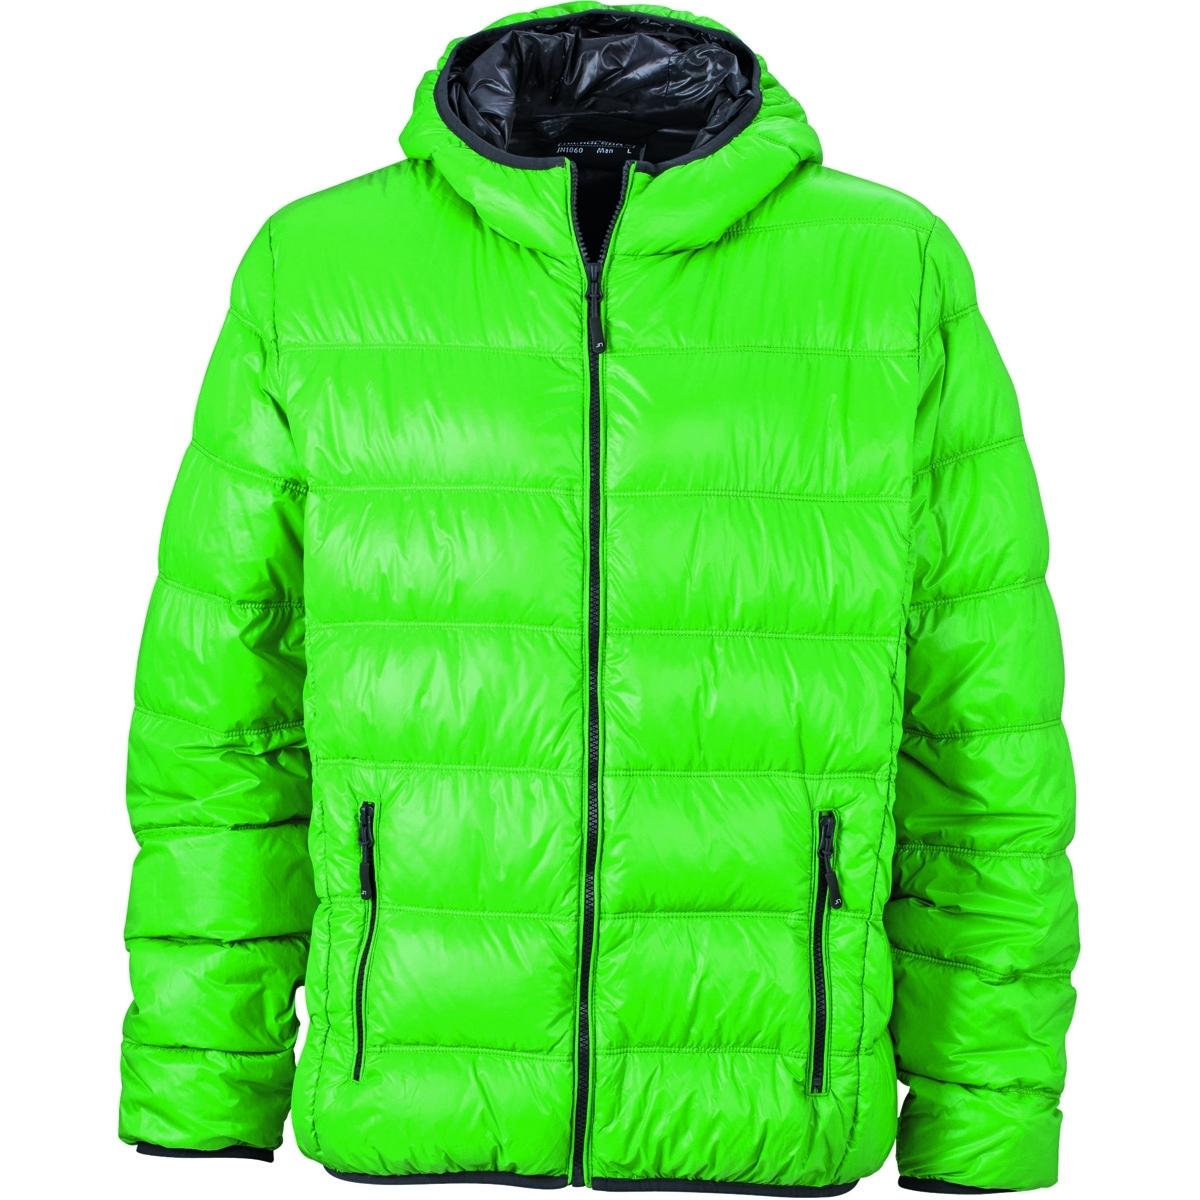 meilleur site web 4b863 8e341 James et Nicholson Veste duvet à capuche - doudoune anorak homme - JN1060 -  vert